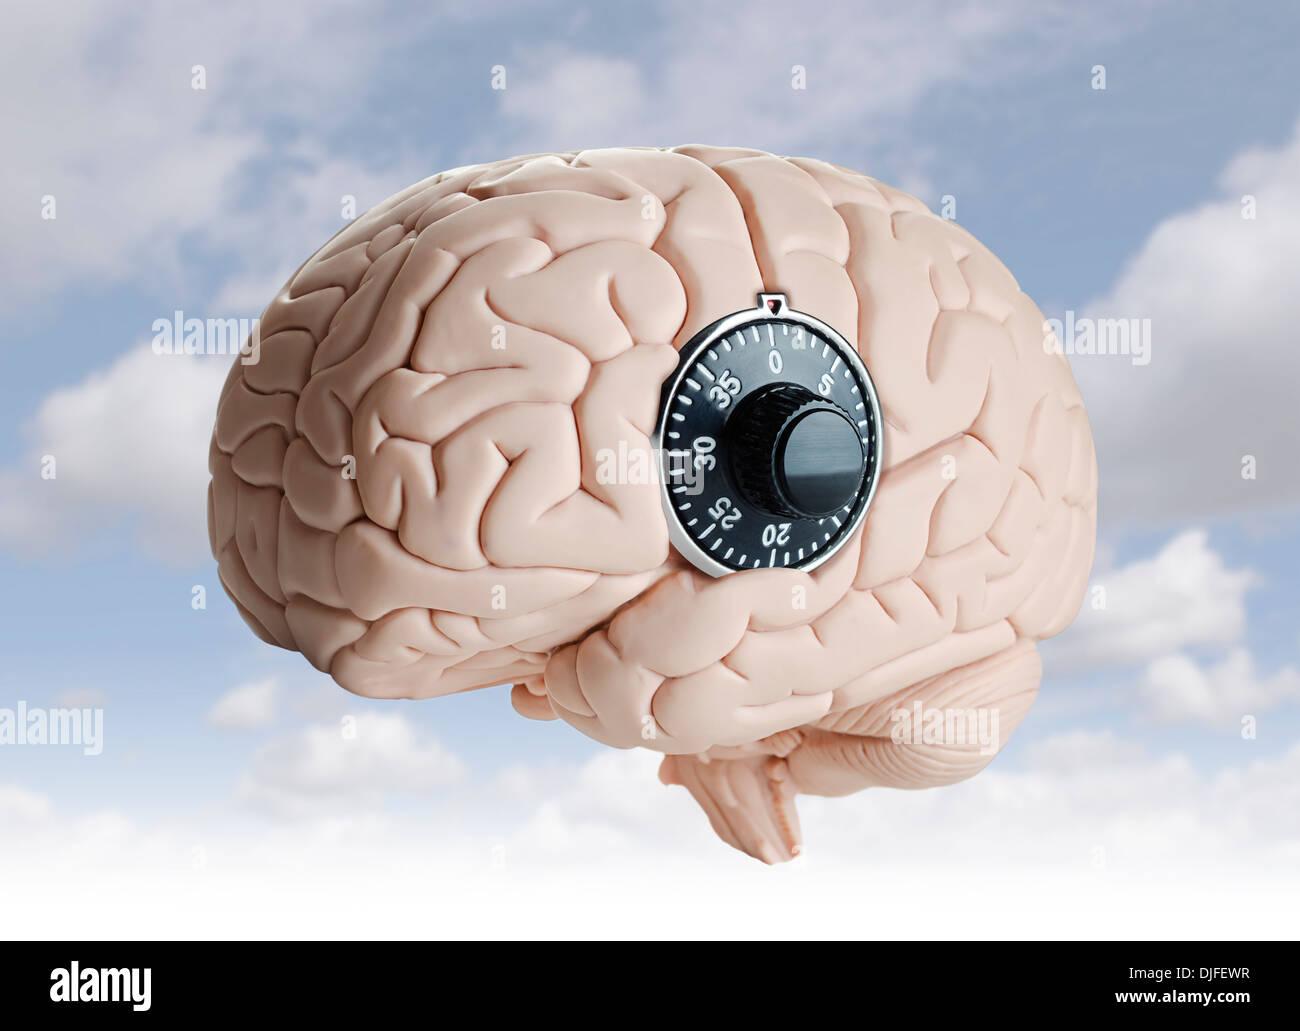 Modelo del cerebro humano con un dial LOCK Imagen De Stock